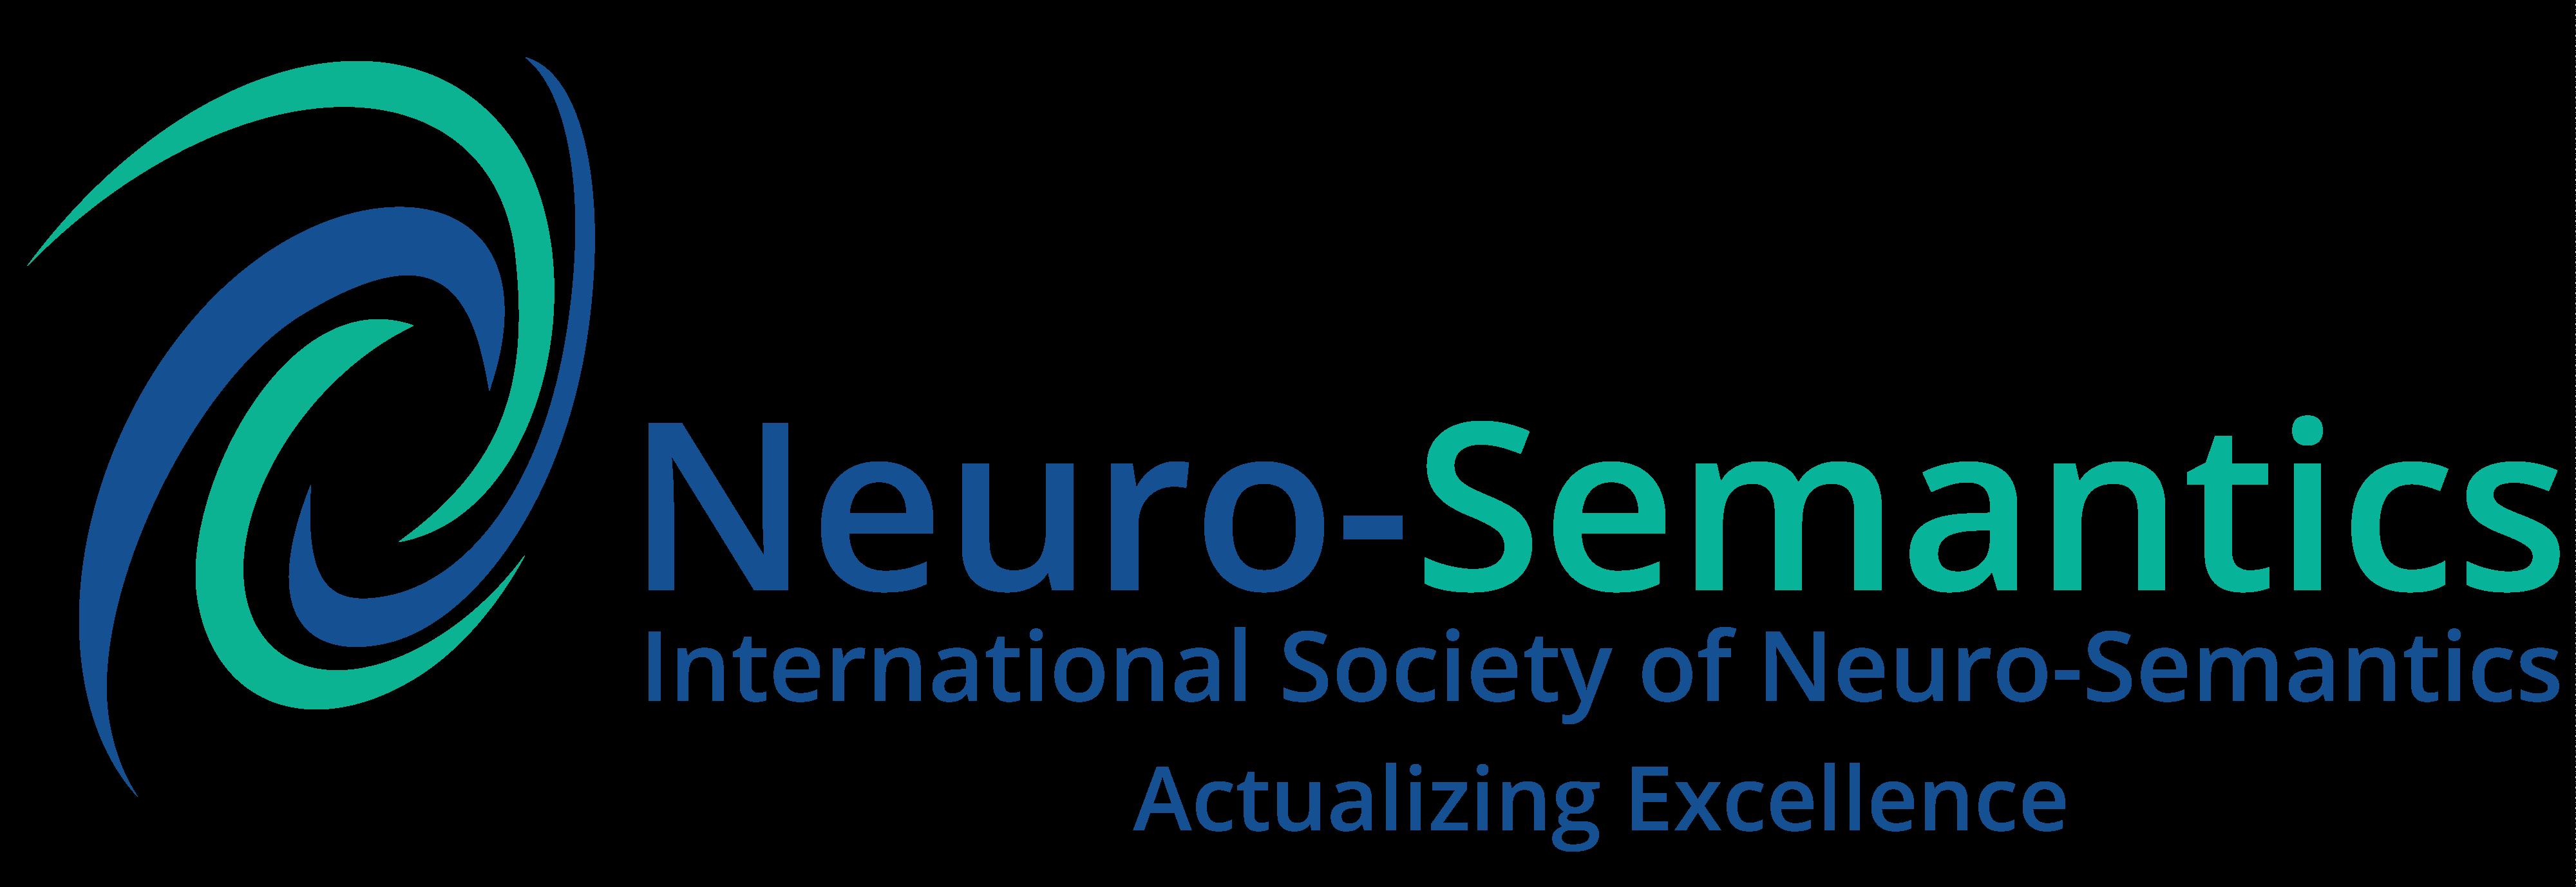 Este Curso Tem A Certificação Internacional da ISNS - International Society of Neuro-Semantics